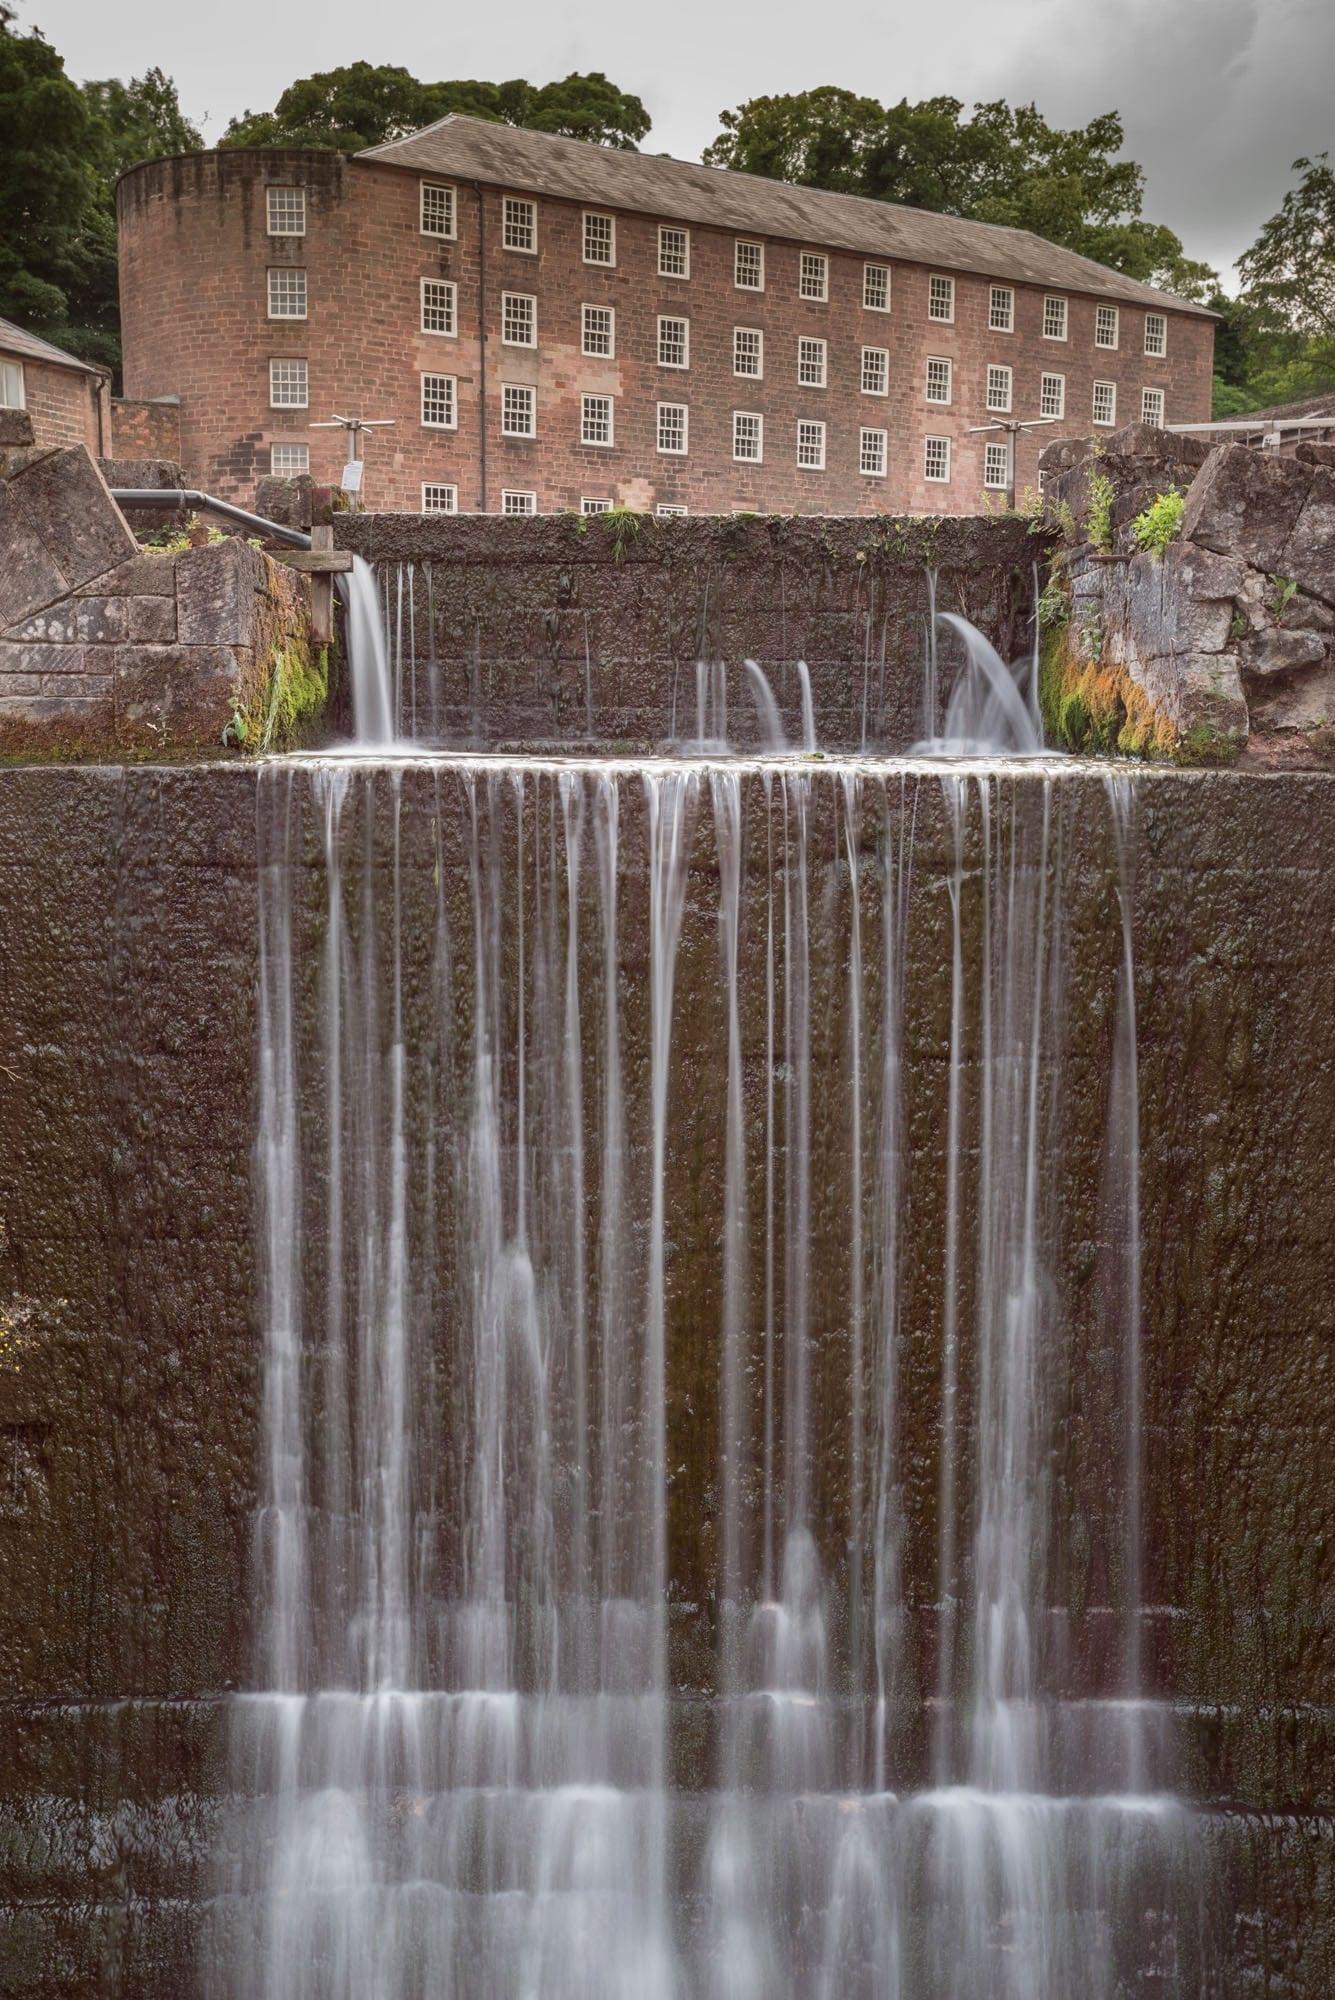 Cromford Derwent Valley Mills Waterfall - Matlock Photography Workshop